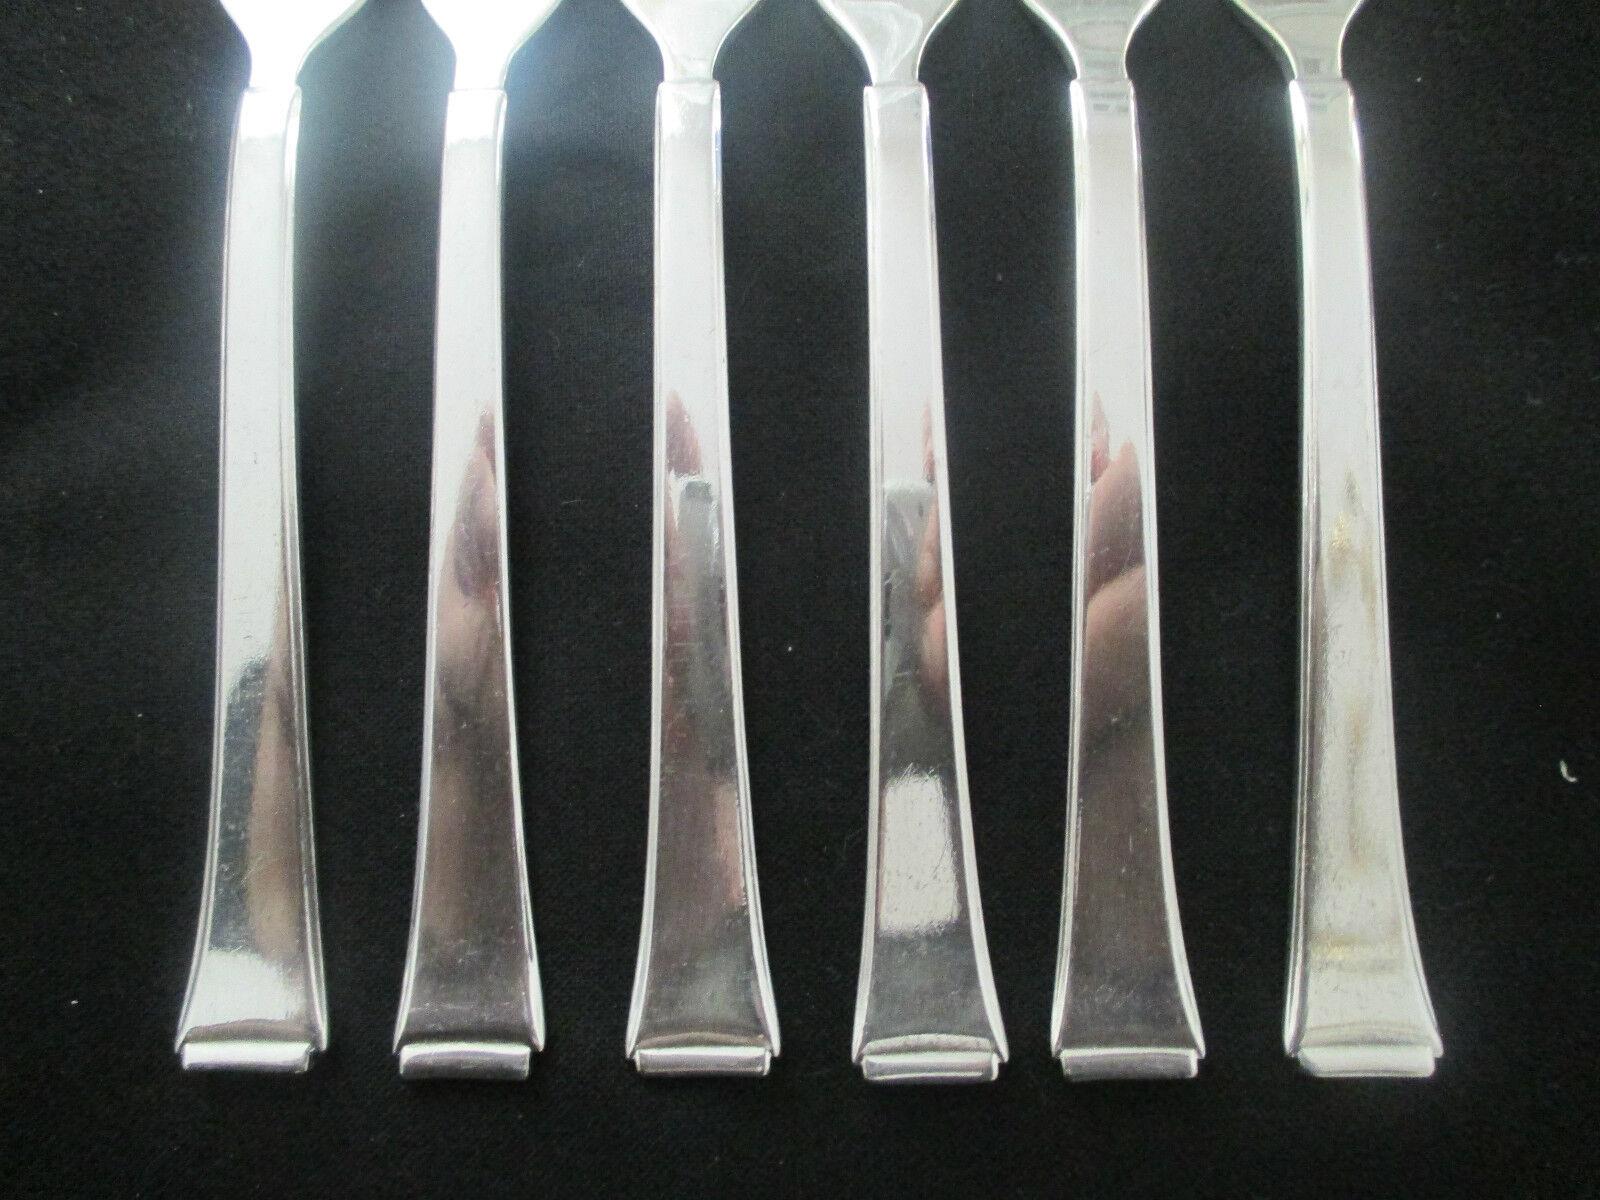 Wmf Augsburger Faden 1 Kuchengabel Cromargan 16 5 Cm Note 2 Gabel Alte Serie Wmf Besteck Einzelteile Besteck Kochen Geniessen Besteck